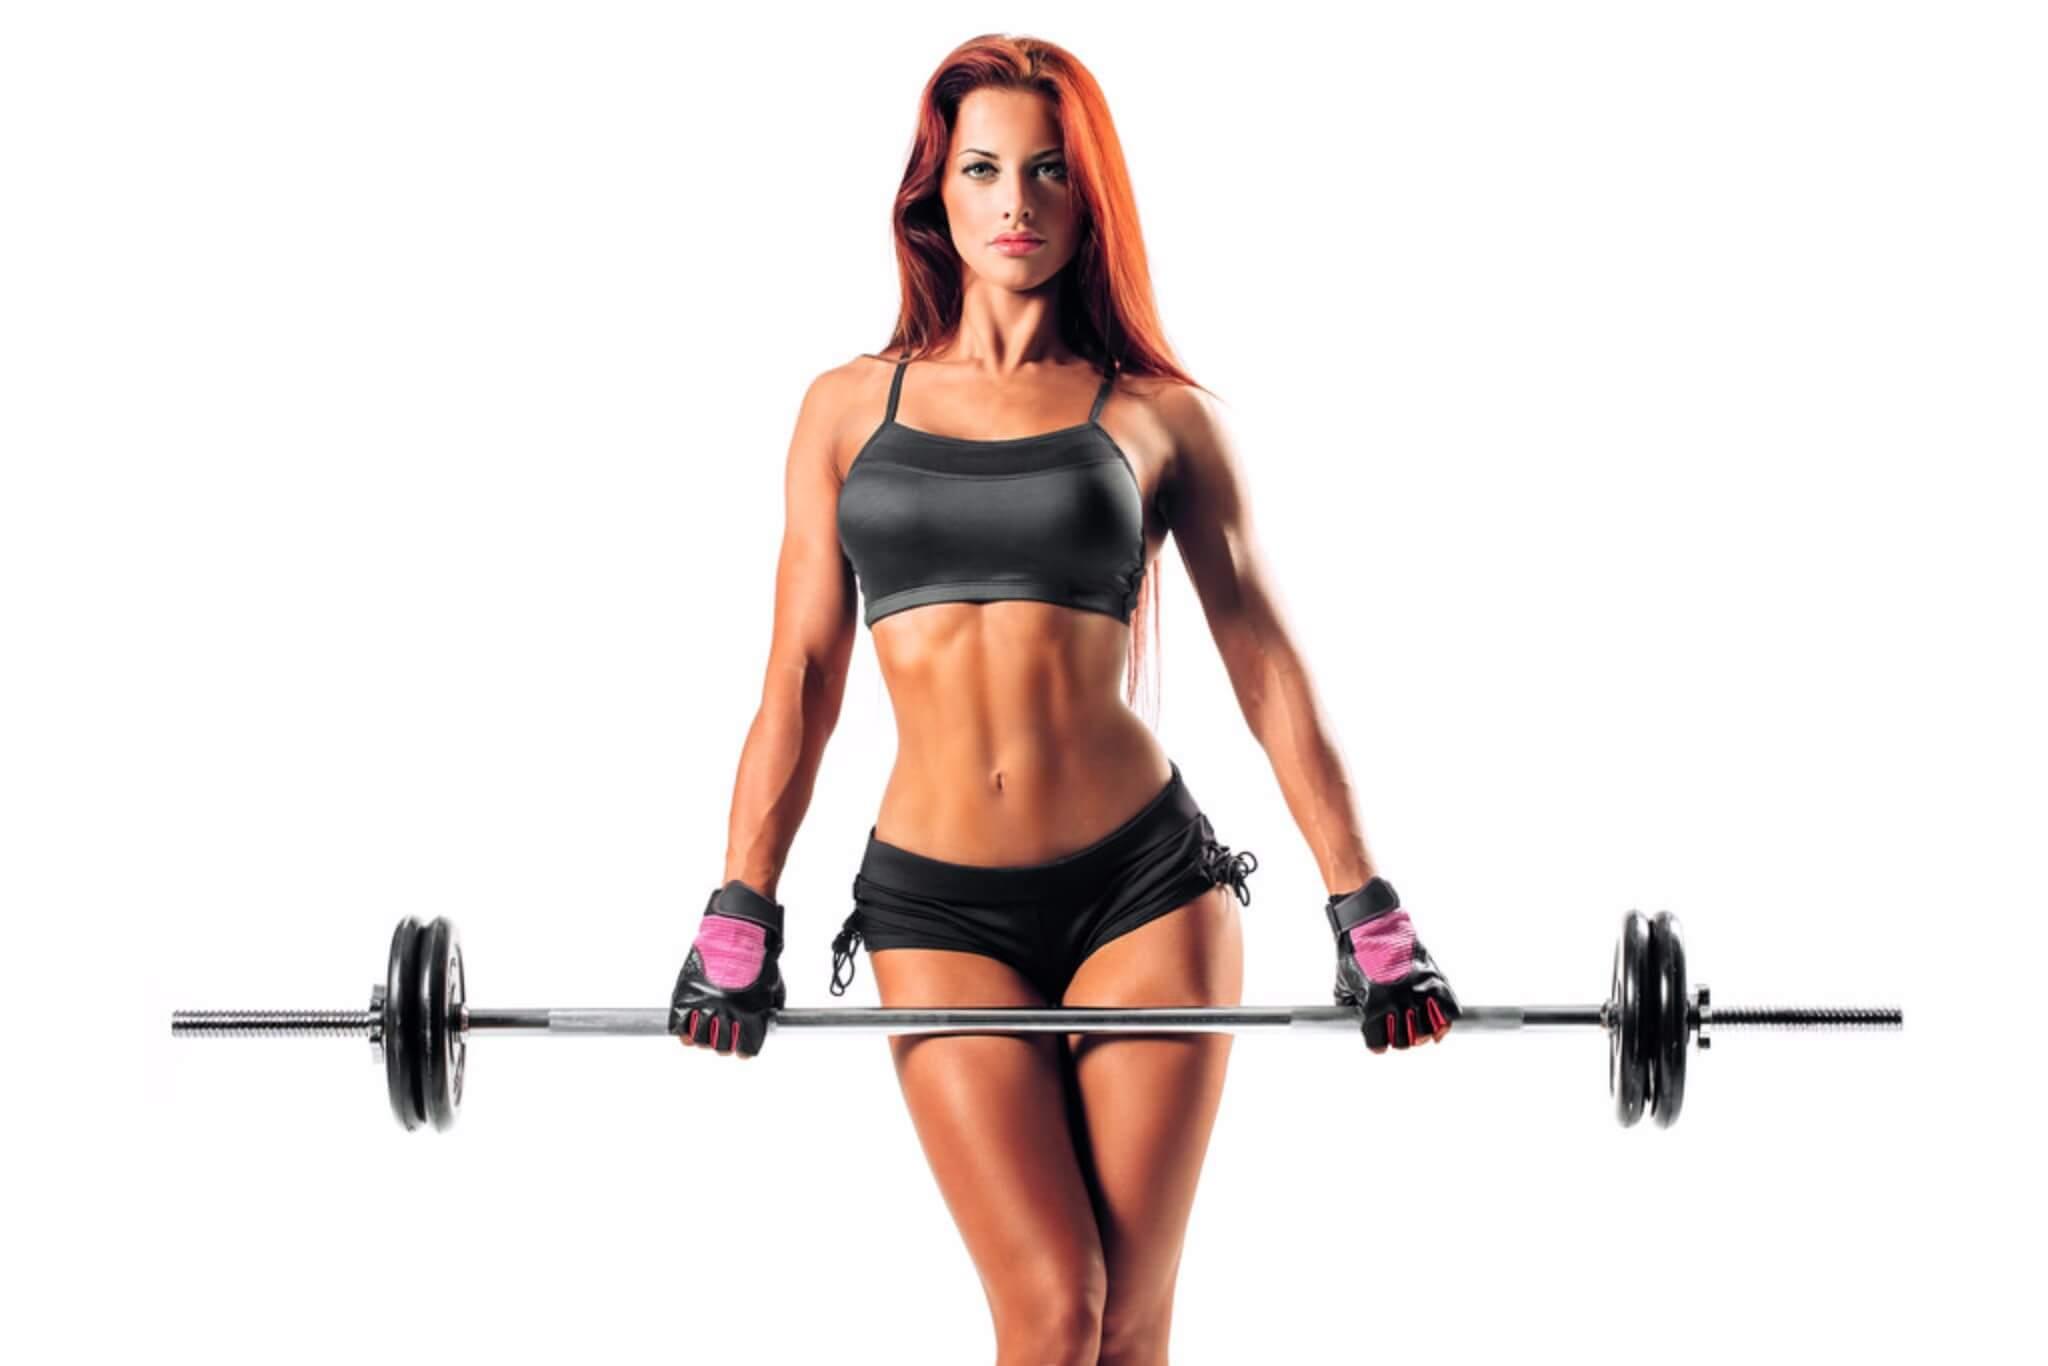 Specificità muscolare: allenamento aerobico e con i sovraccarichi